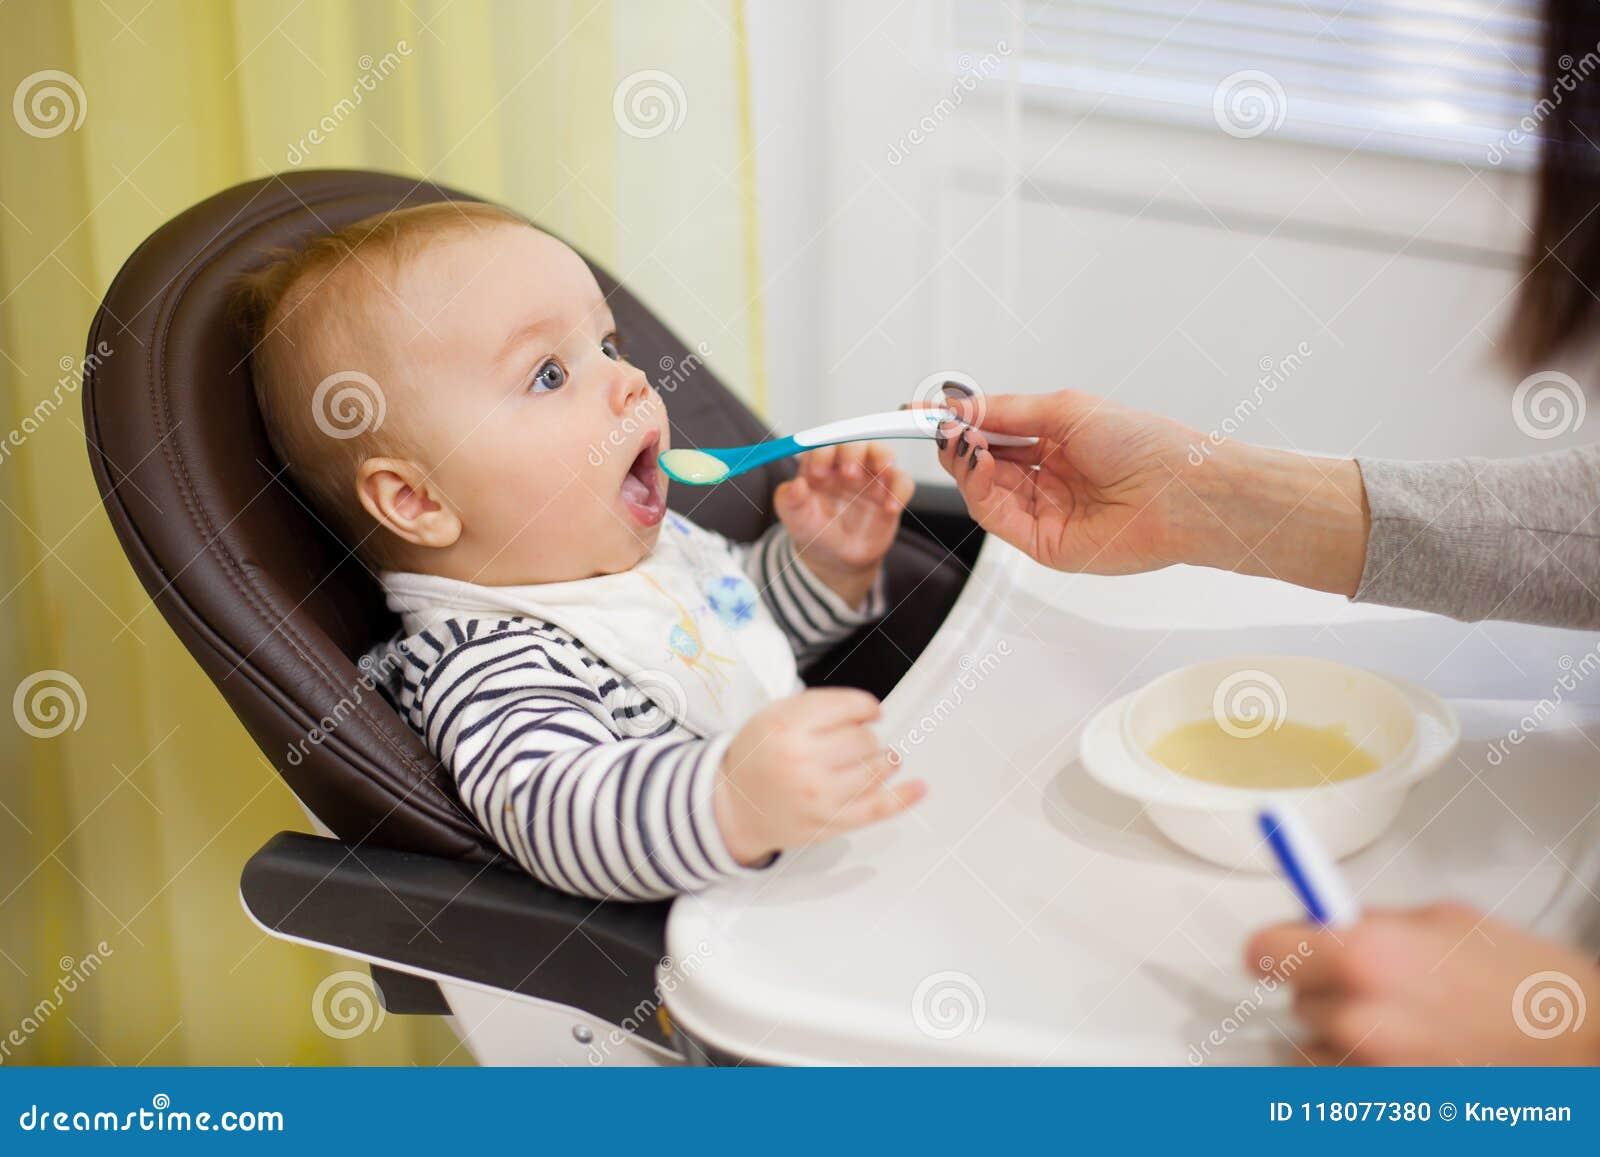 Νέα μητέρα που ταΐζει της λίγο γιο μωρών με το κουάκερ, το οποίο συνεδρίαση στην υψηλή καρέκλα μωρών για τη σίτιση